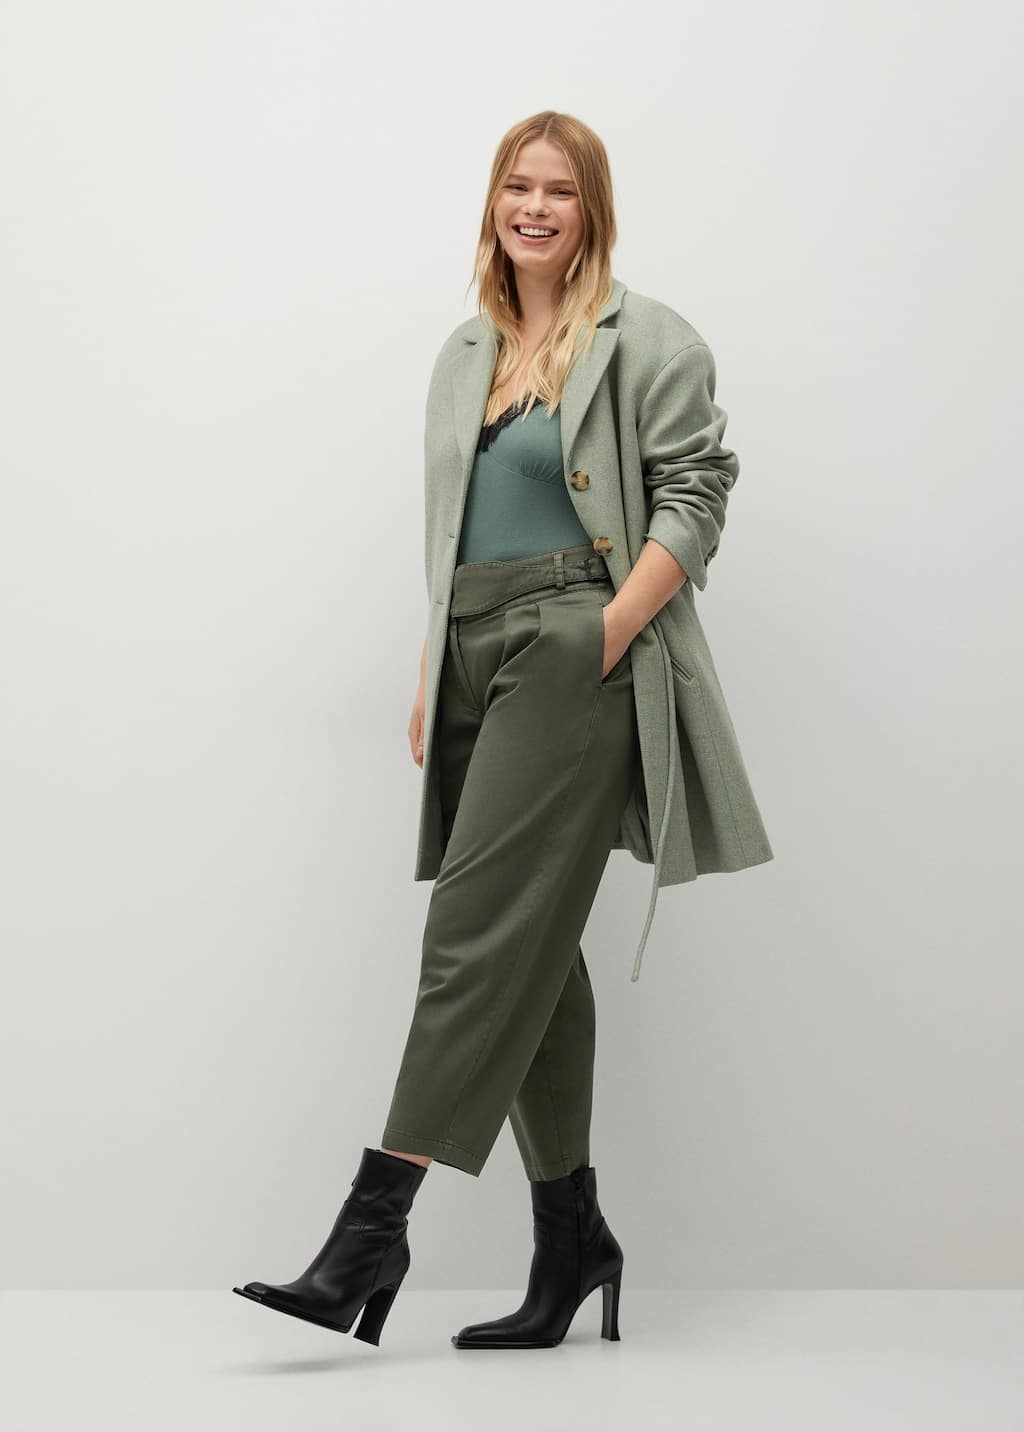 Pantalon slouchy en coton, Violeta by Mango, 29,99€.